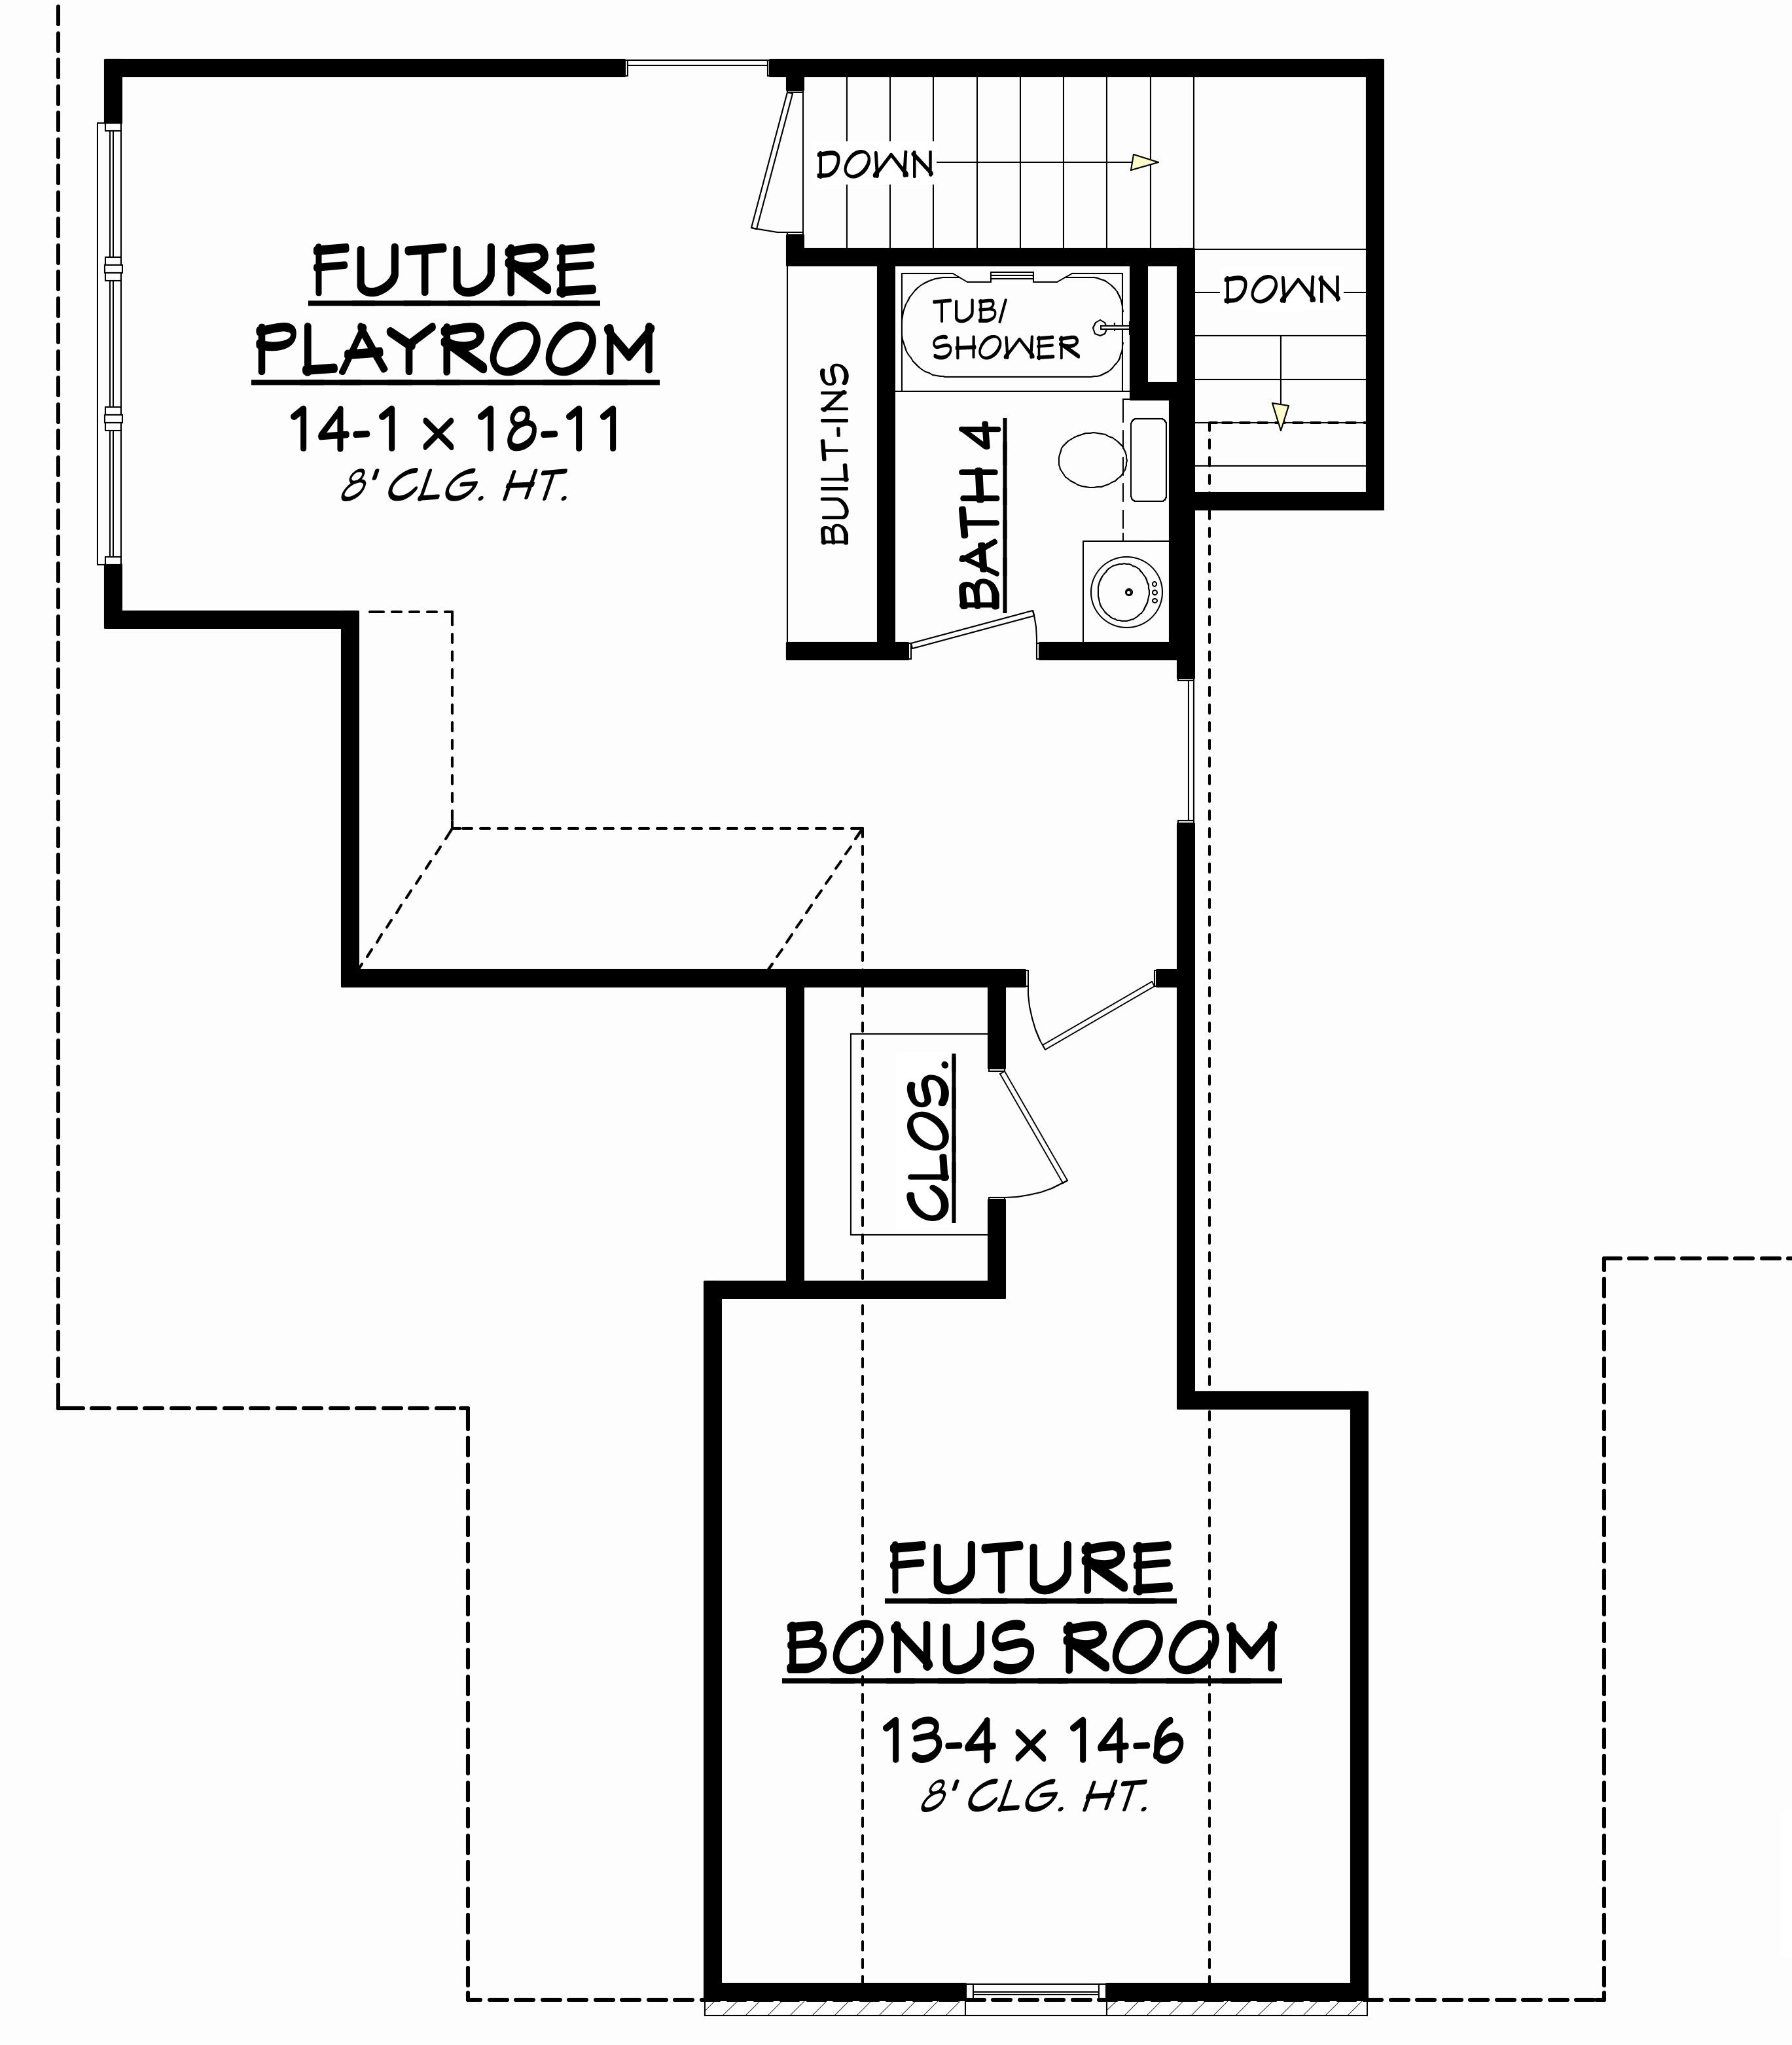 the fremont bonus room · french house plan 142 4 bedrm sq ft home